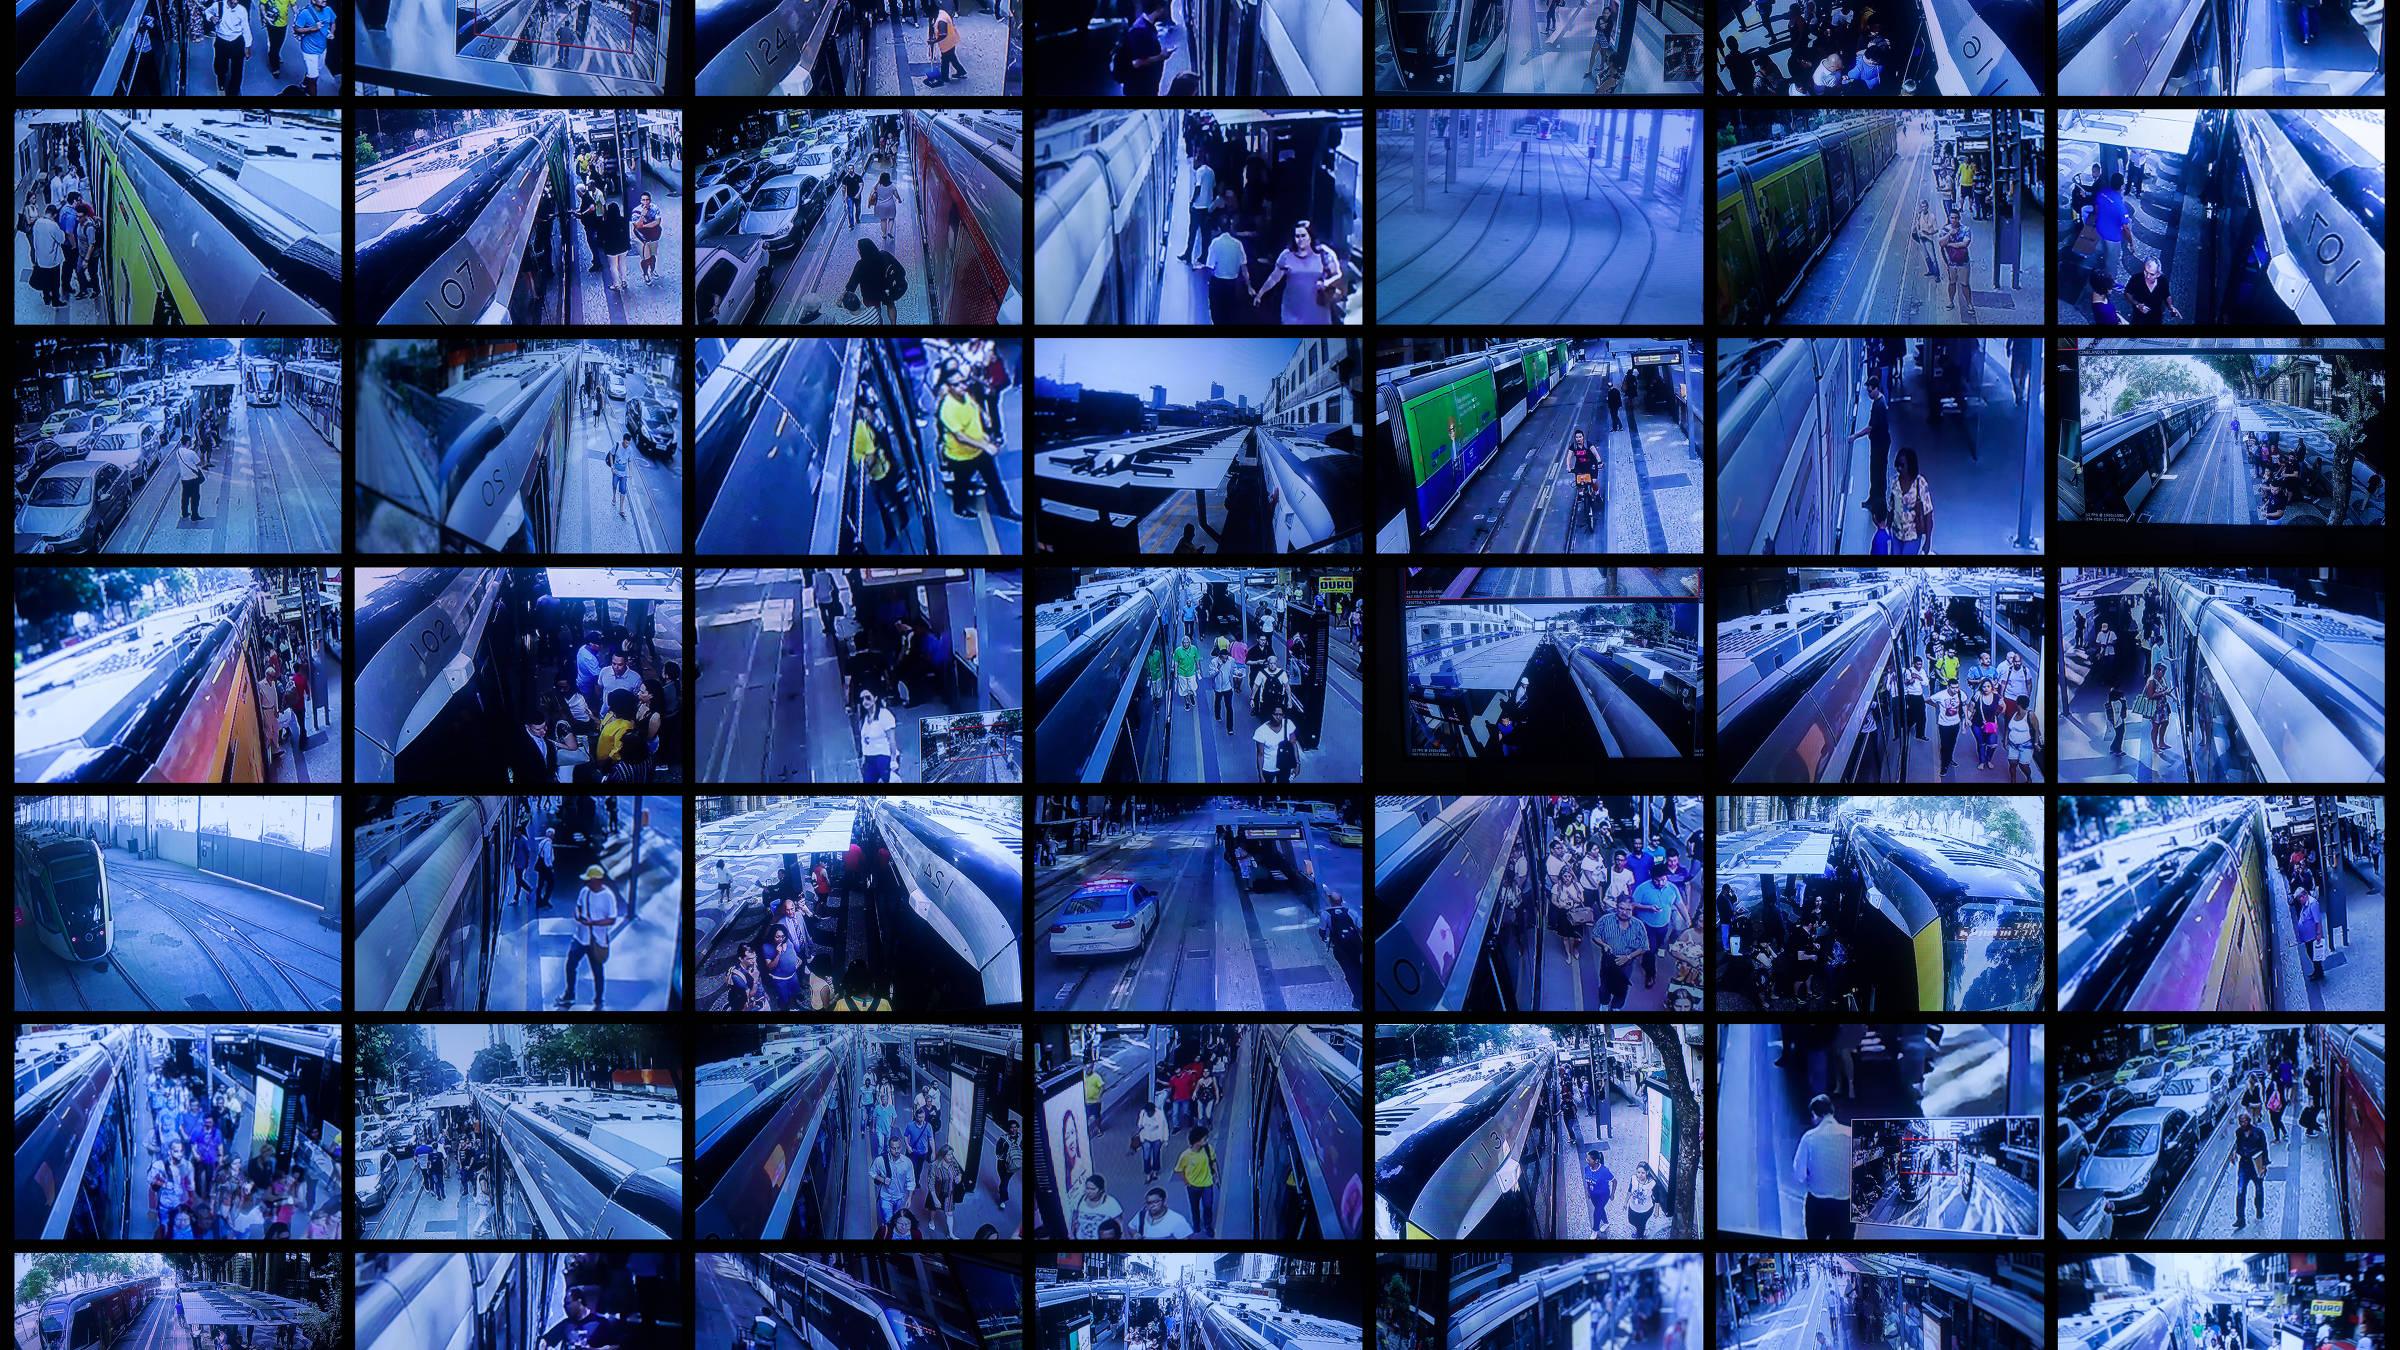 Imagens das câmeras de monitoramento com movimentação de passageiros em pontos do VLT no Rio de Janeiro - Julio Bittencourt/Folhapress